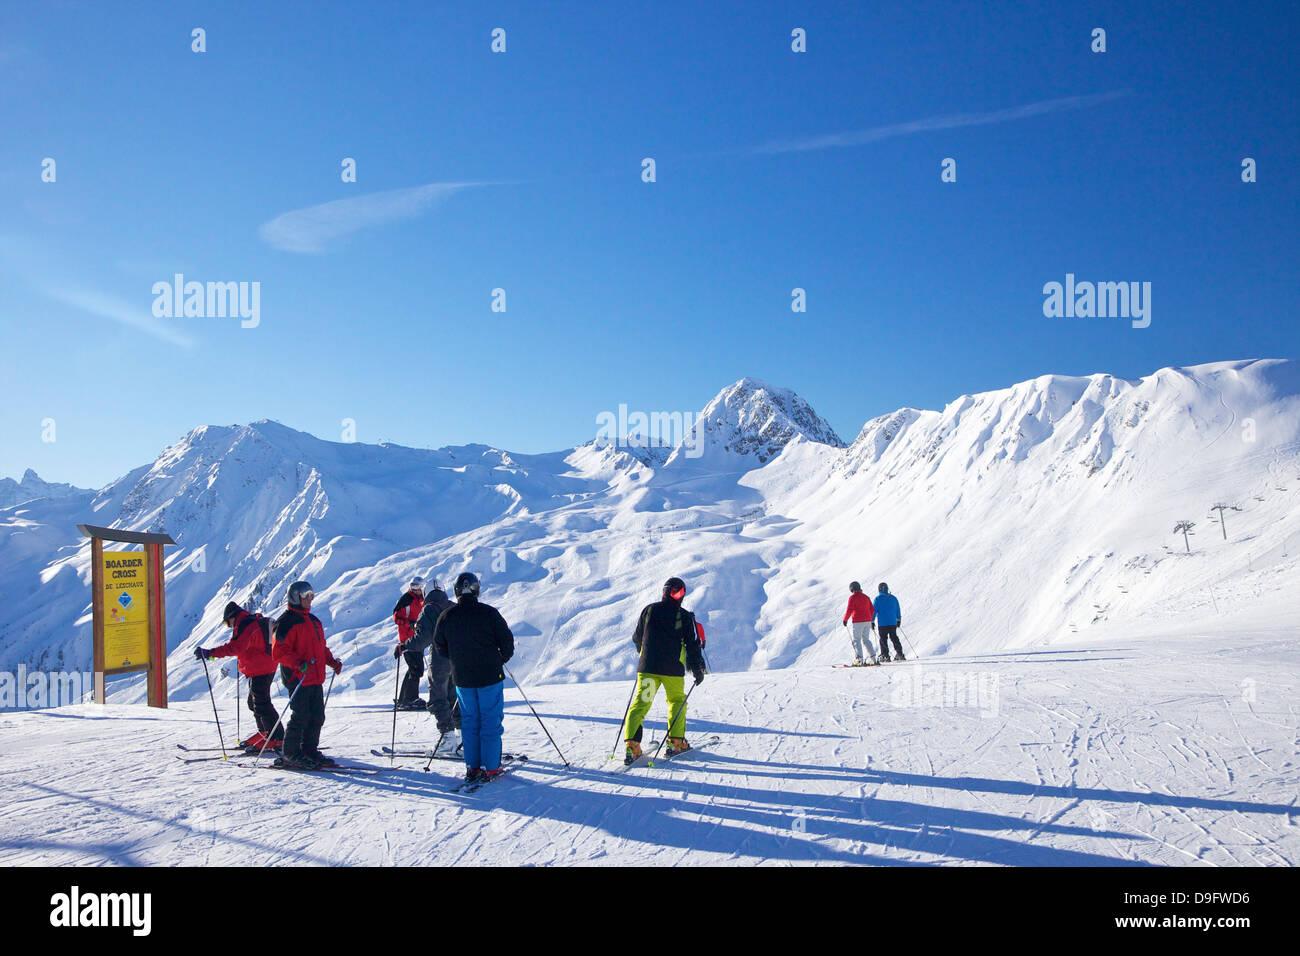 Gli sciatori sulle piste la mattina presto in inverno, La Plagne, sulle Alpi francesi, Francia Immagini Stock